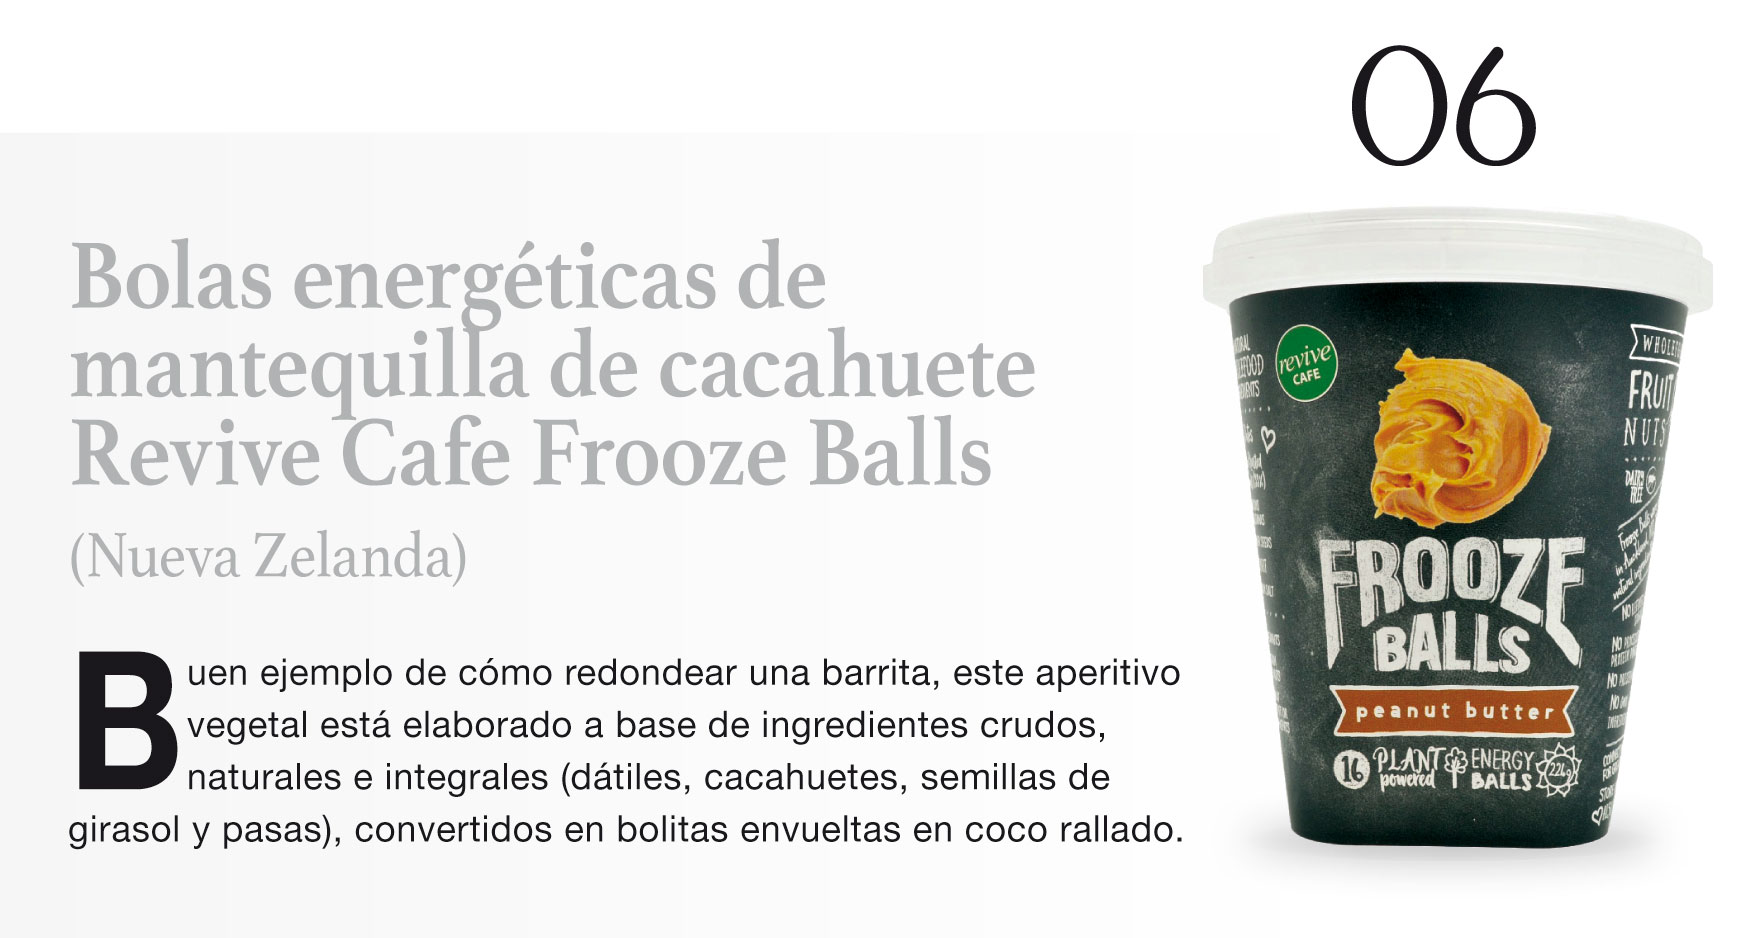 Bolas energéticas de mantequilla de cacahuete Revive Cafe Frooze Balls (Nueva Zelanda)